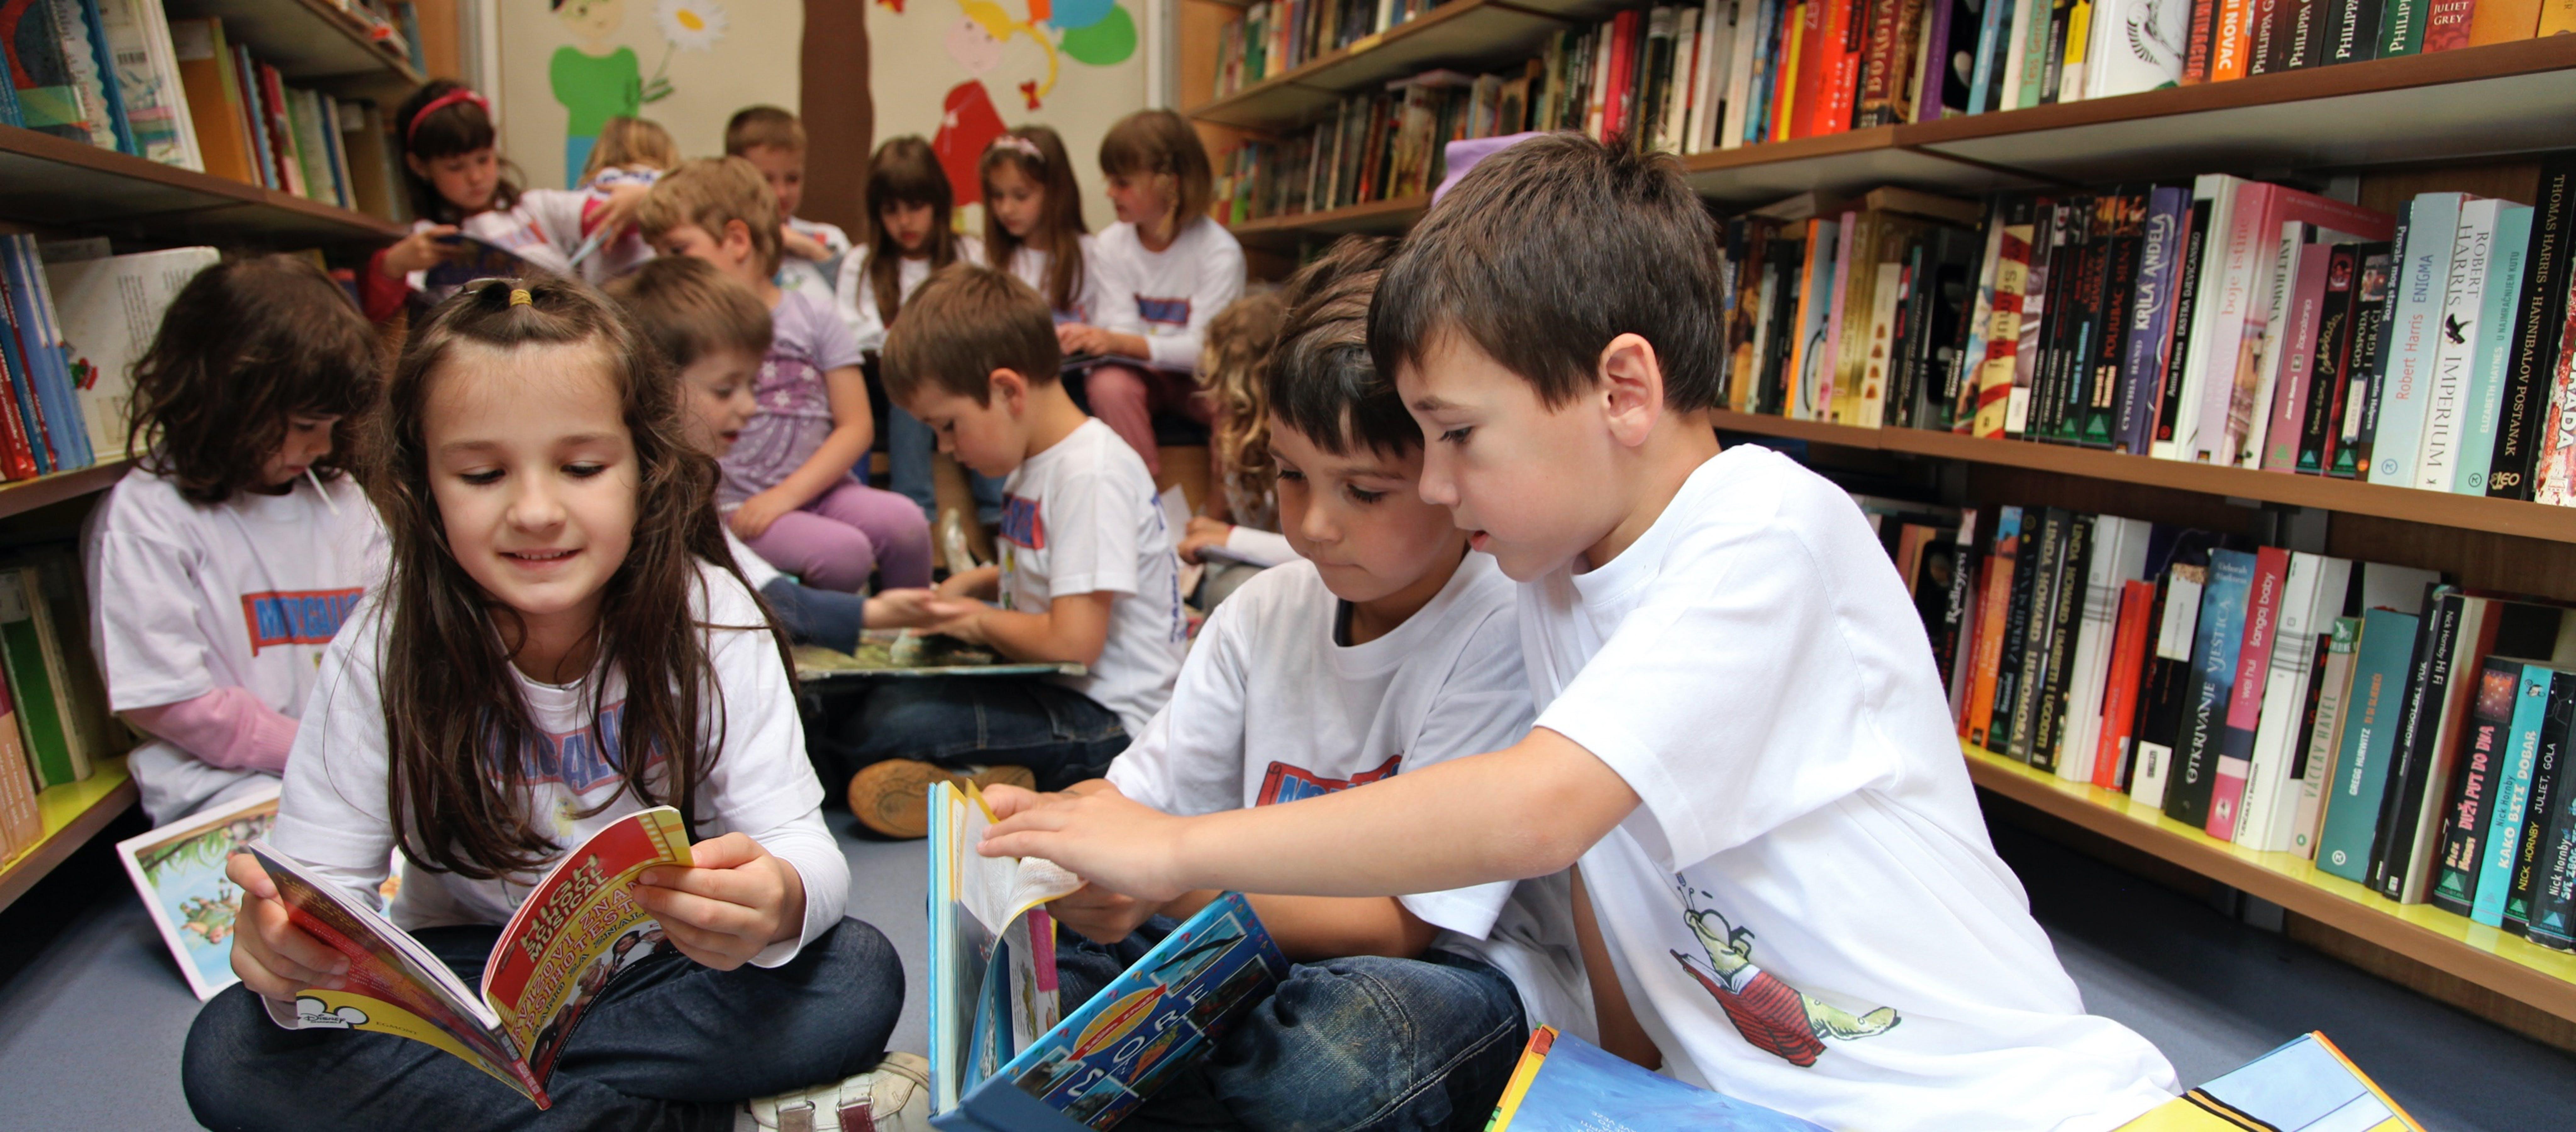 Biblioteche amiche dei bambini